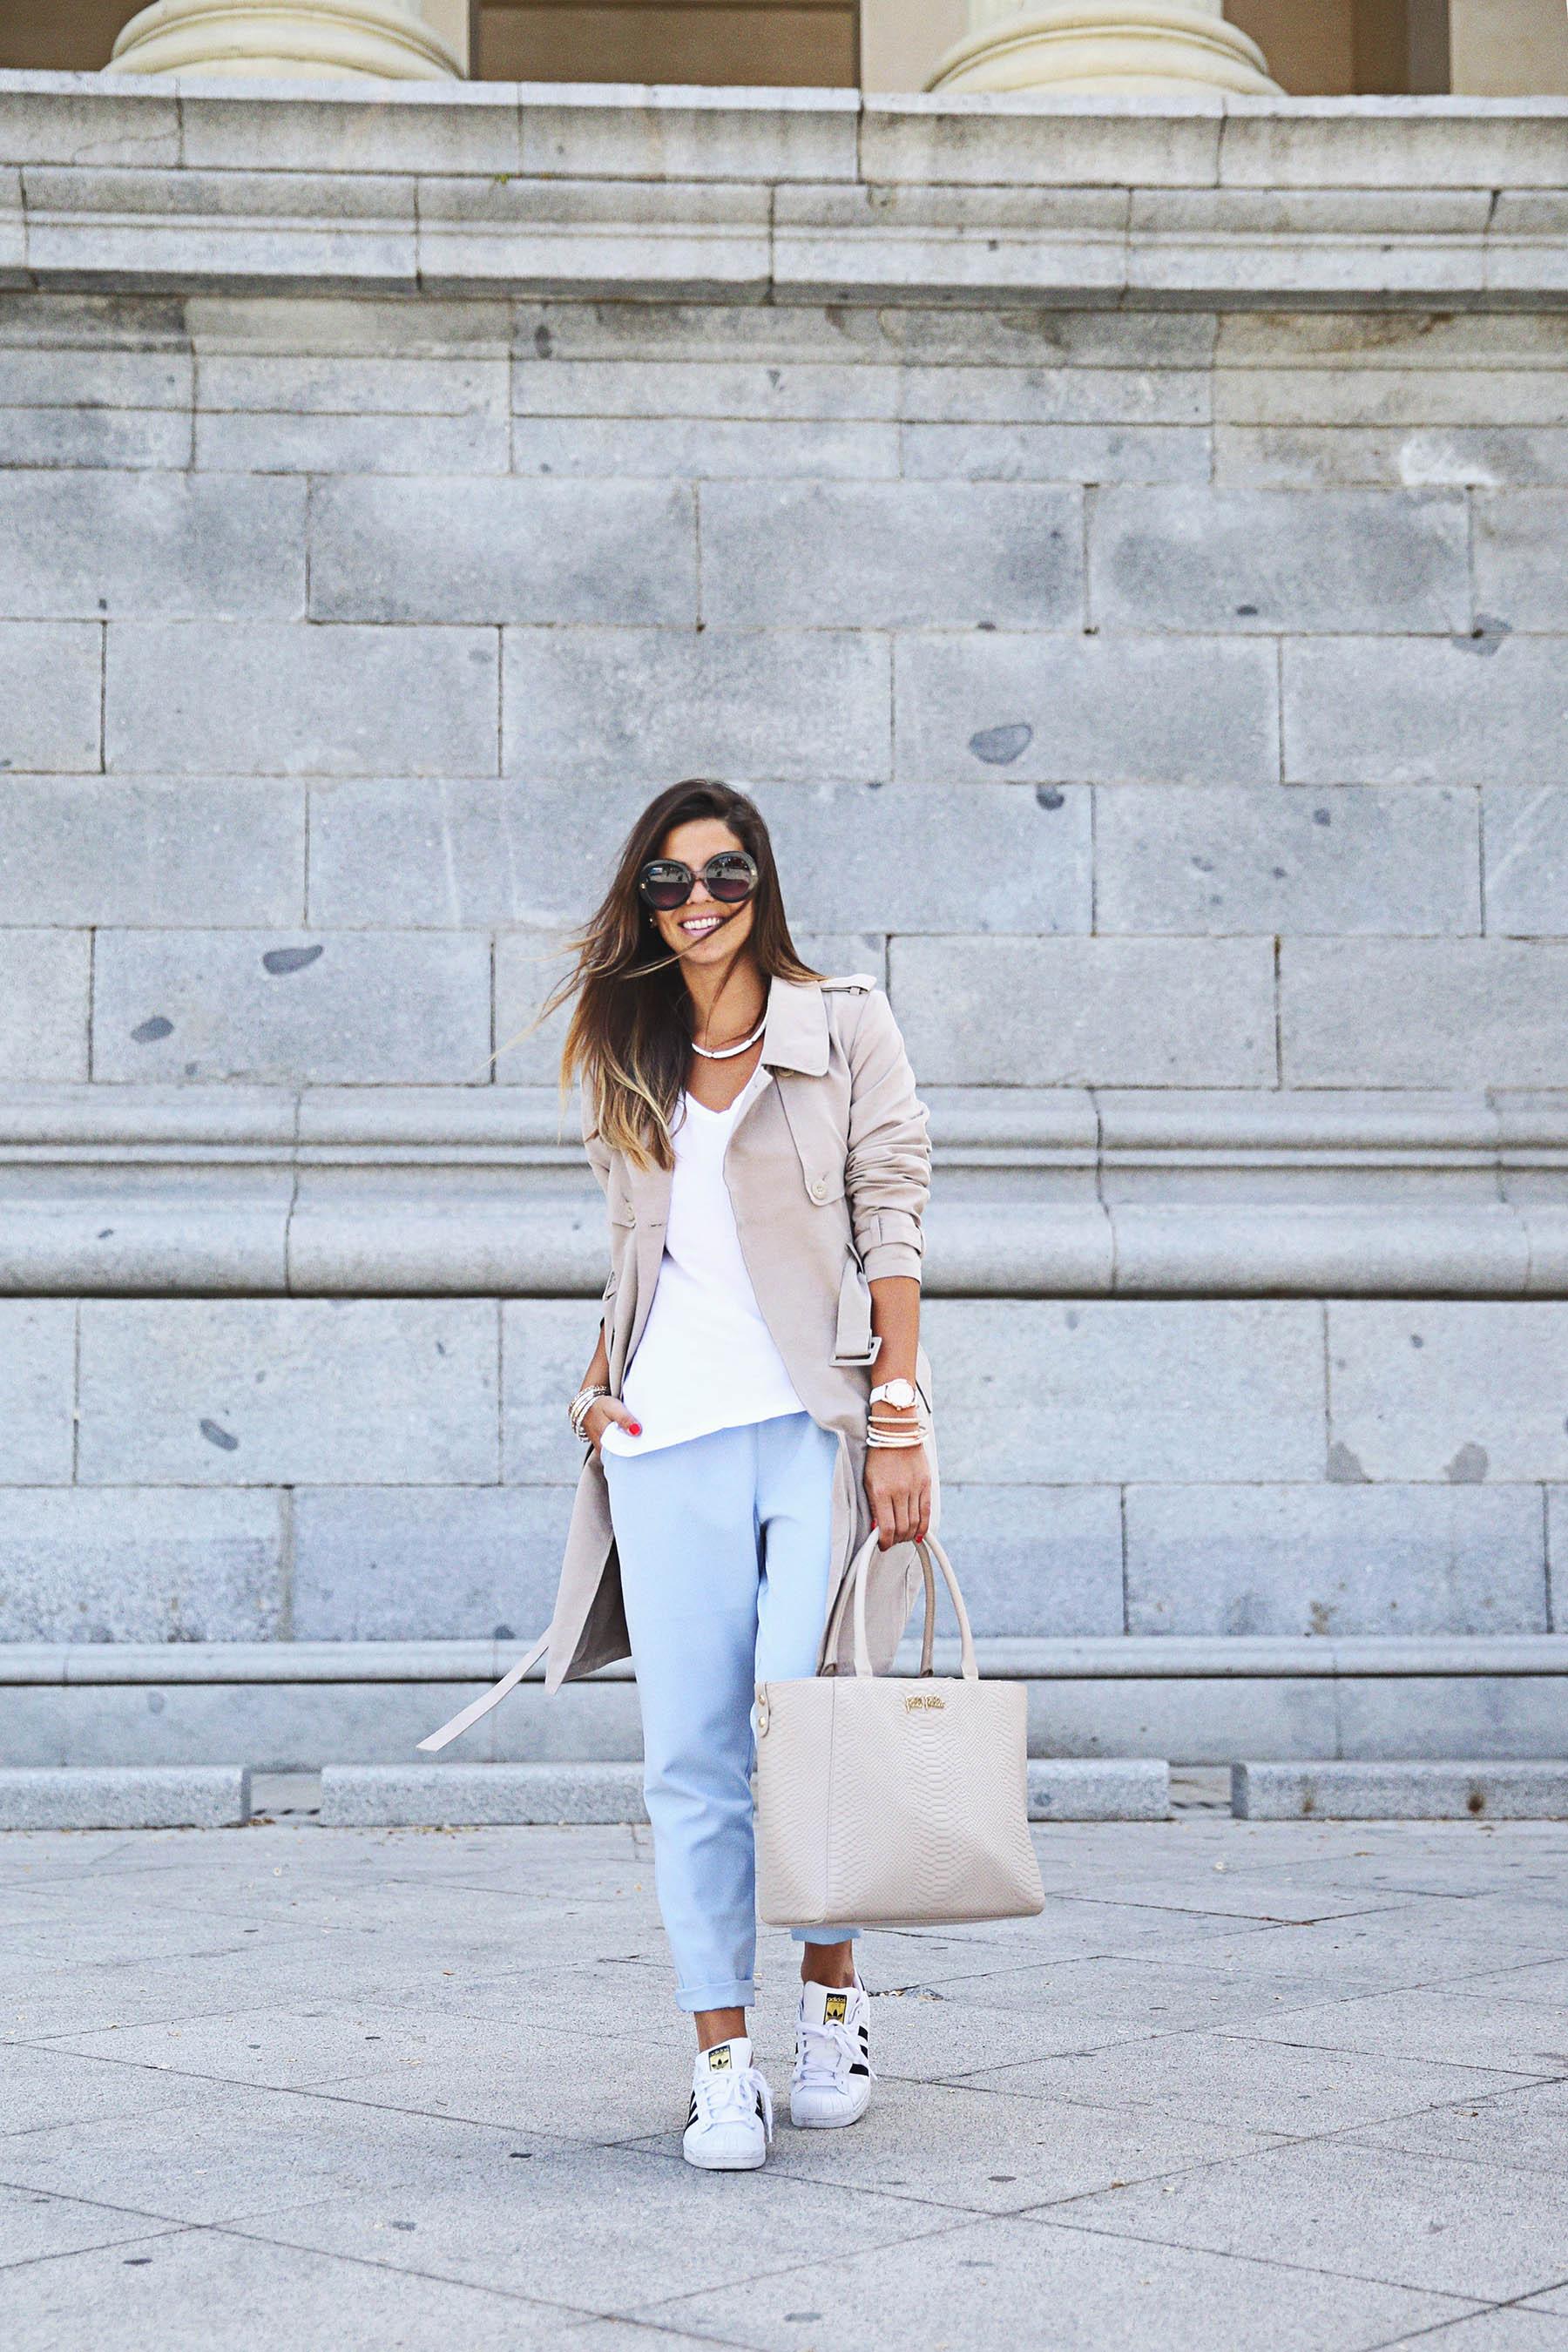 trendy-taste-look-outfit-street-style-ootd-blog-blogger-fashion-spain-moda-españa-folli-follie-shooting-trench-gabardina-adidas-superstar-camiseta-basica-basic-tee-5